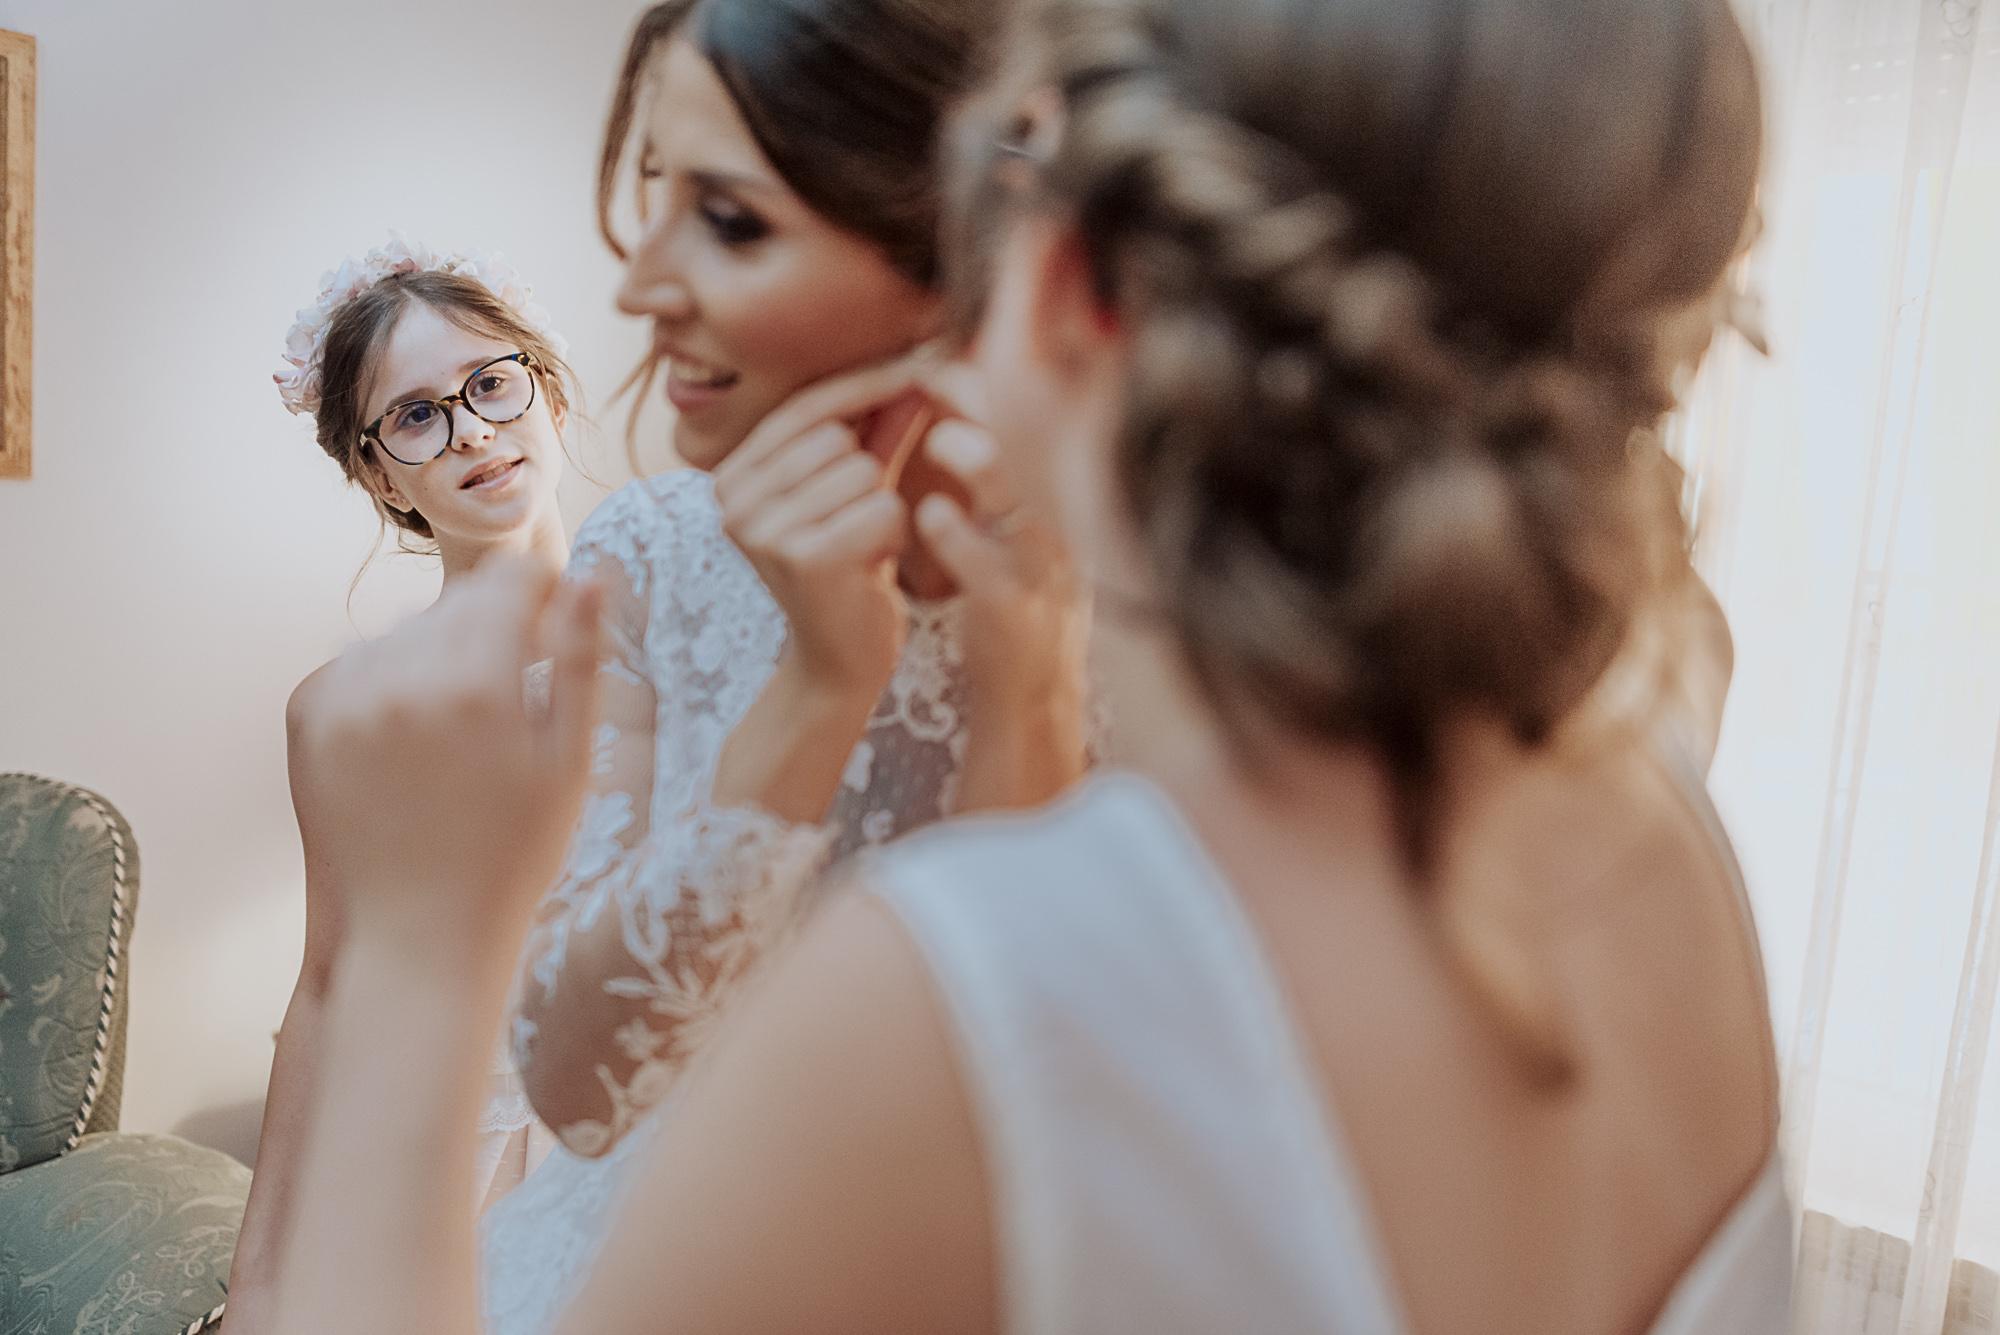 garatefotografia-fotografo-de-boda-en-Granada (58)